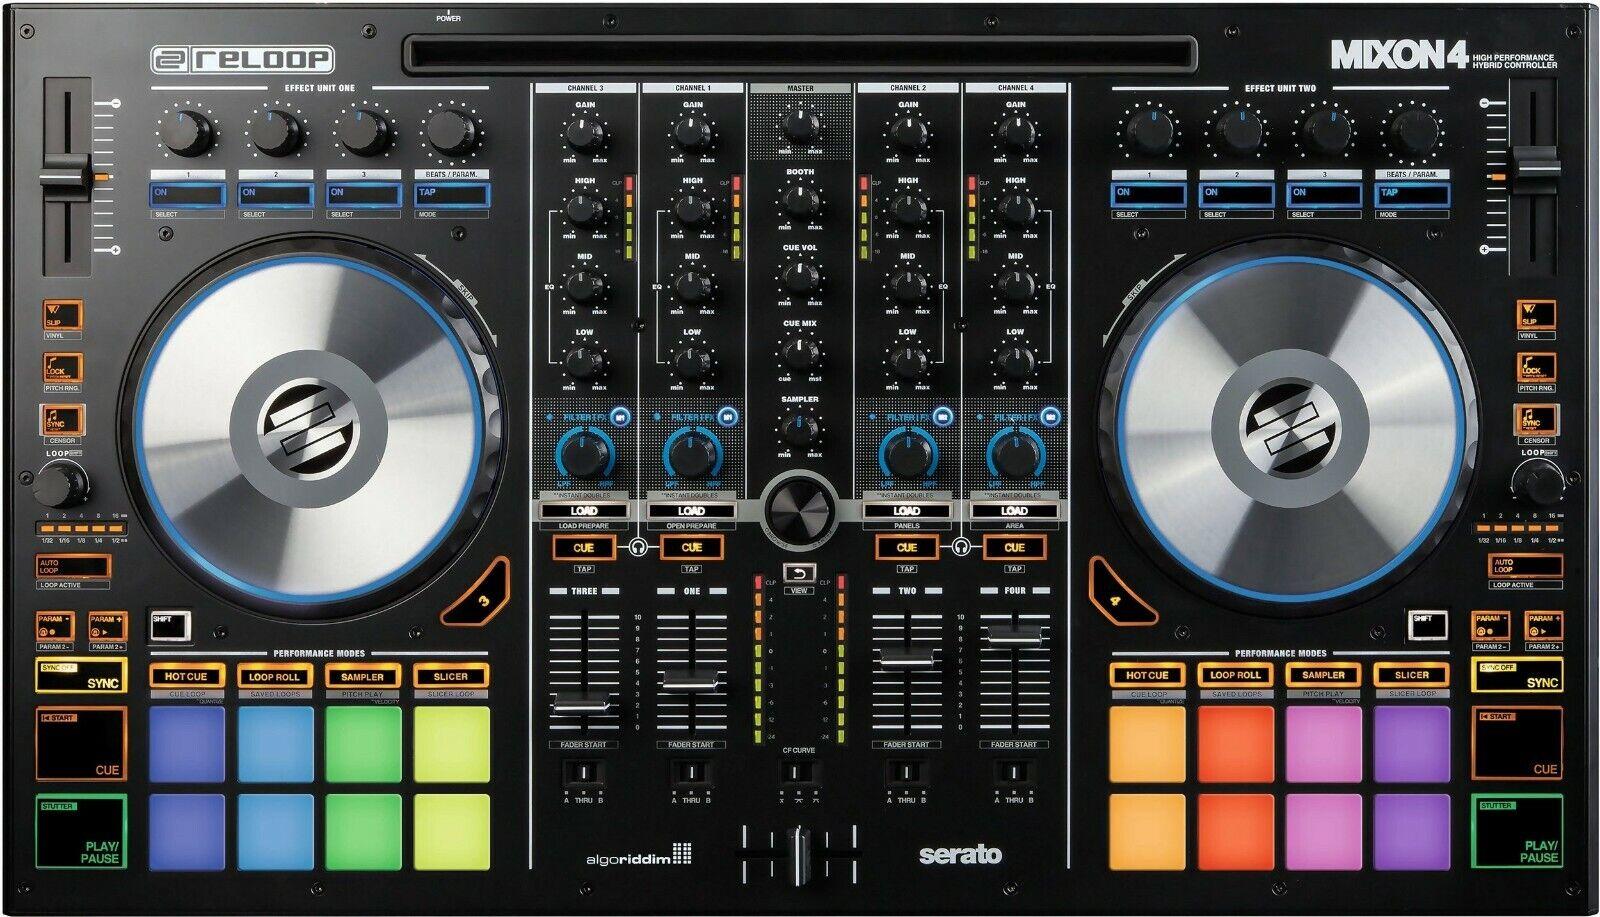 Reloop 4 Deck DJ-Controller Mixon 4 USB und OTG für iOS Android